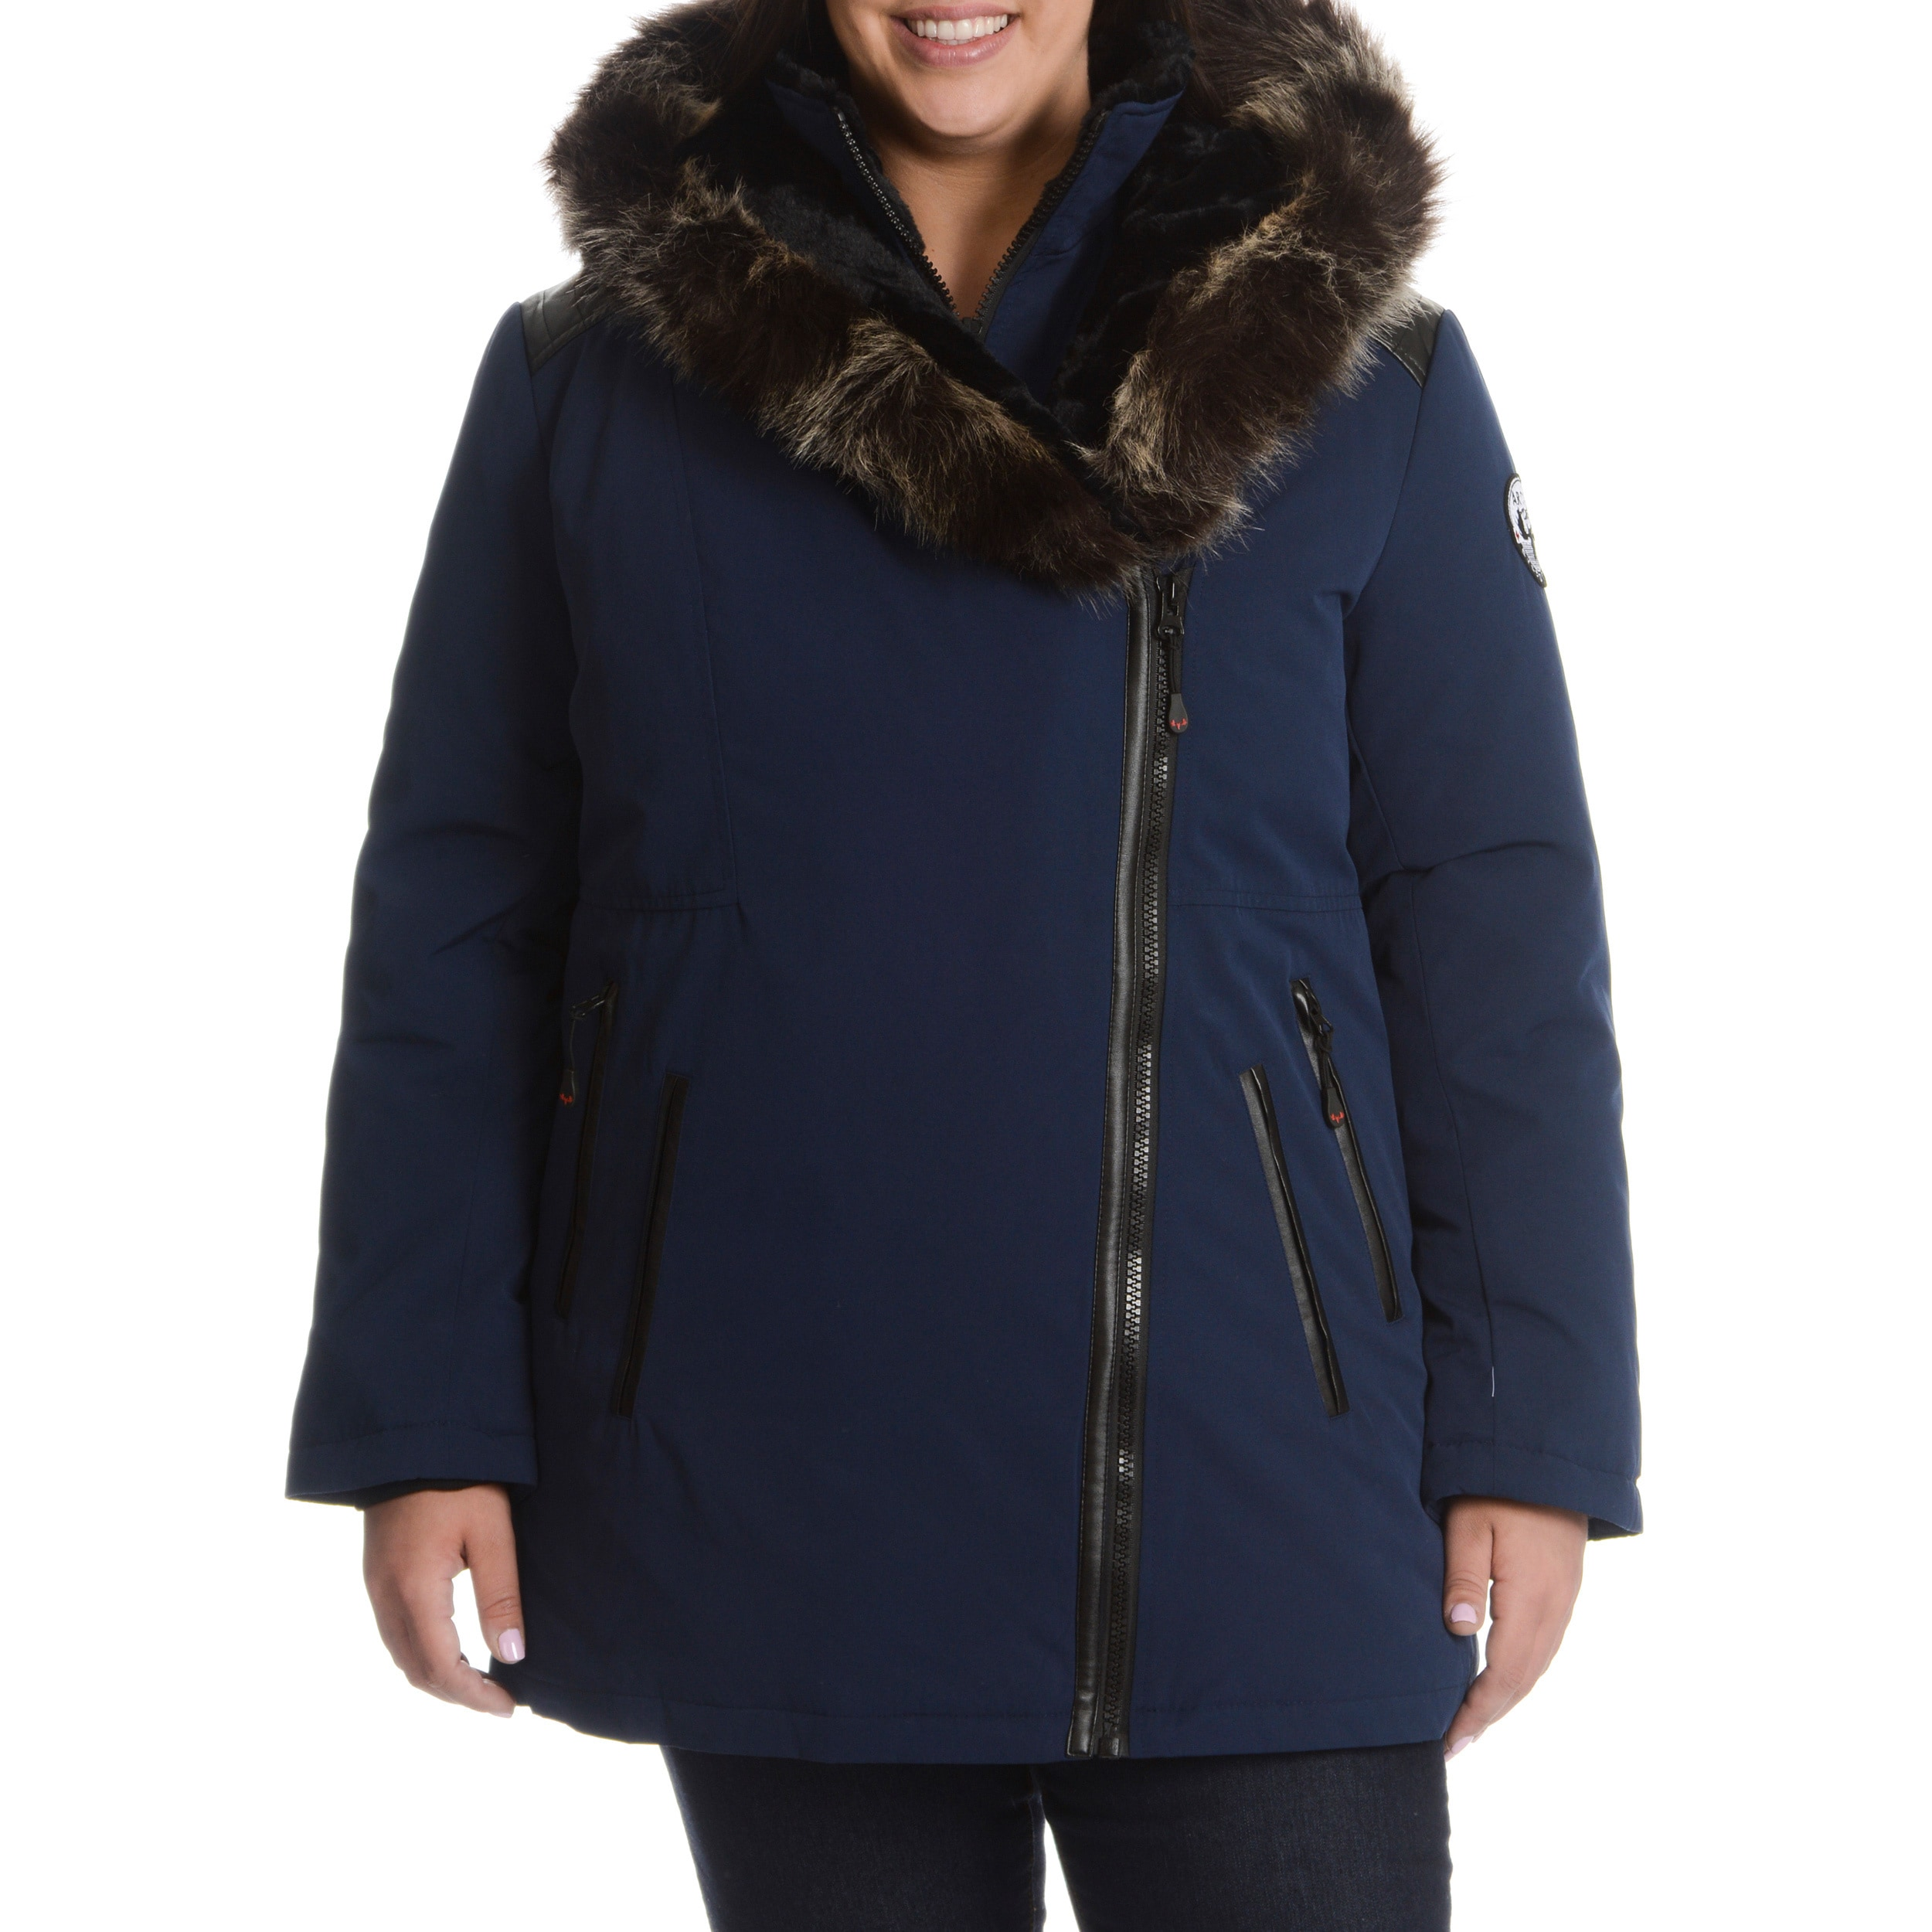 b4c7262e6ab Shop Women s Plus Size Down Jacket with Faux Fur Trim Hood - On Sale ...